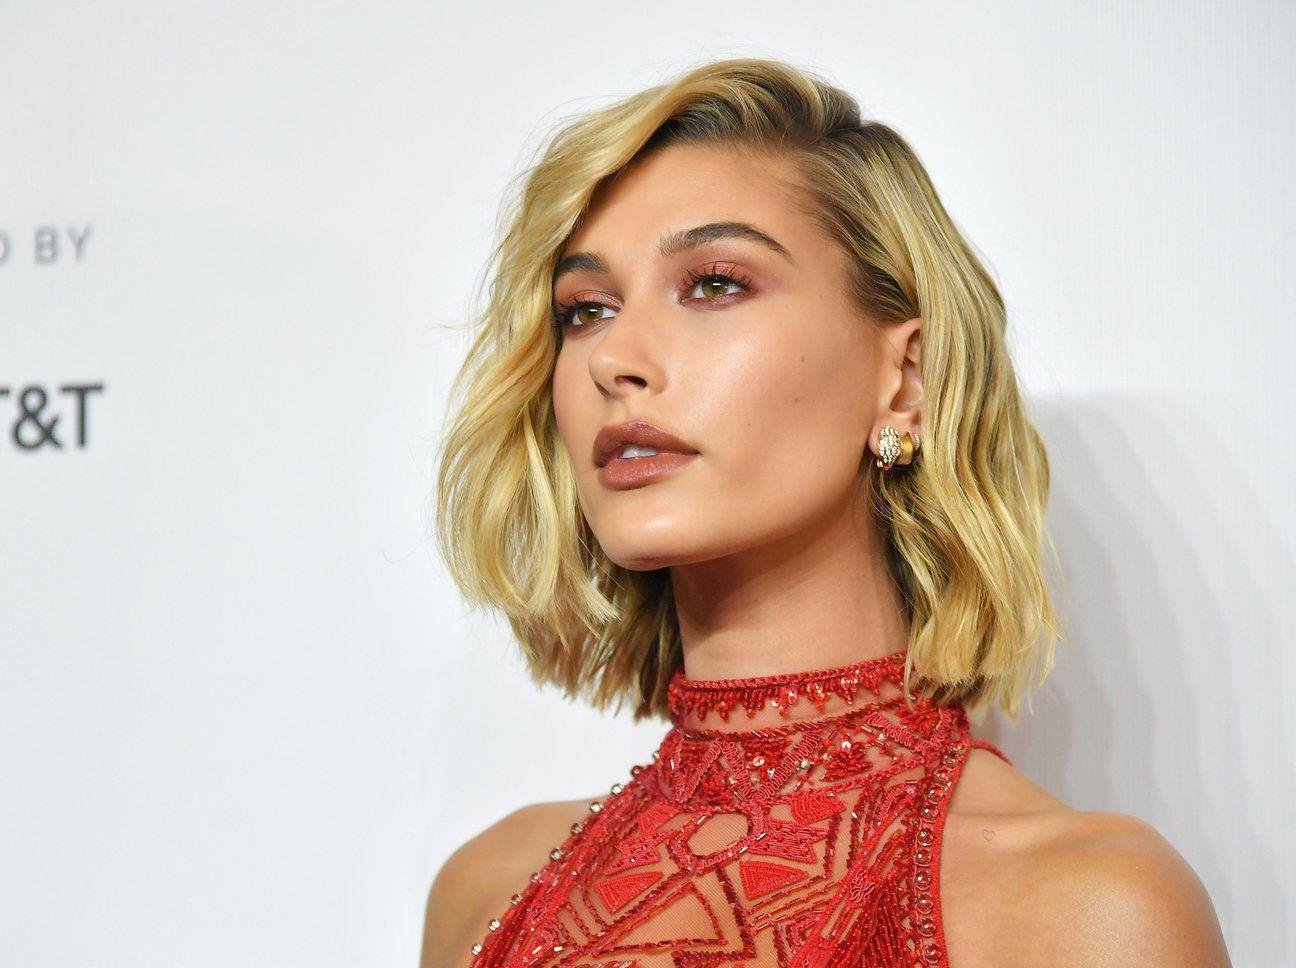 Frisuren Trend 2019 Alle Wollen Den Tob Trendfrisuren Frisuren Trend Frisuren